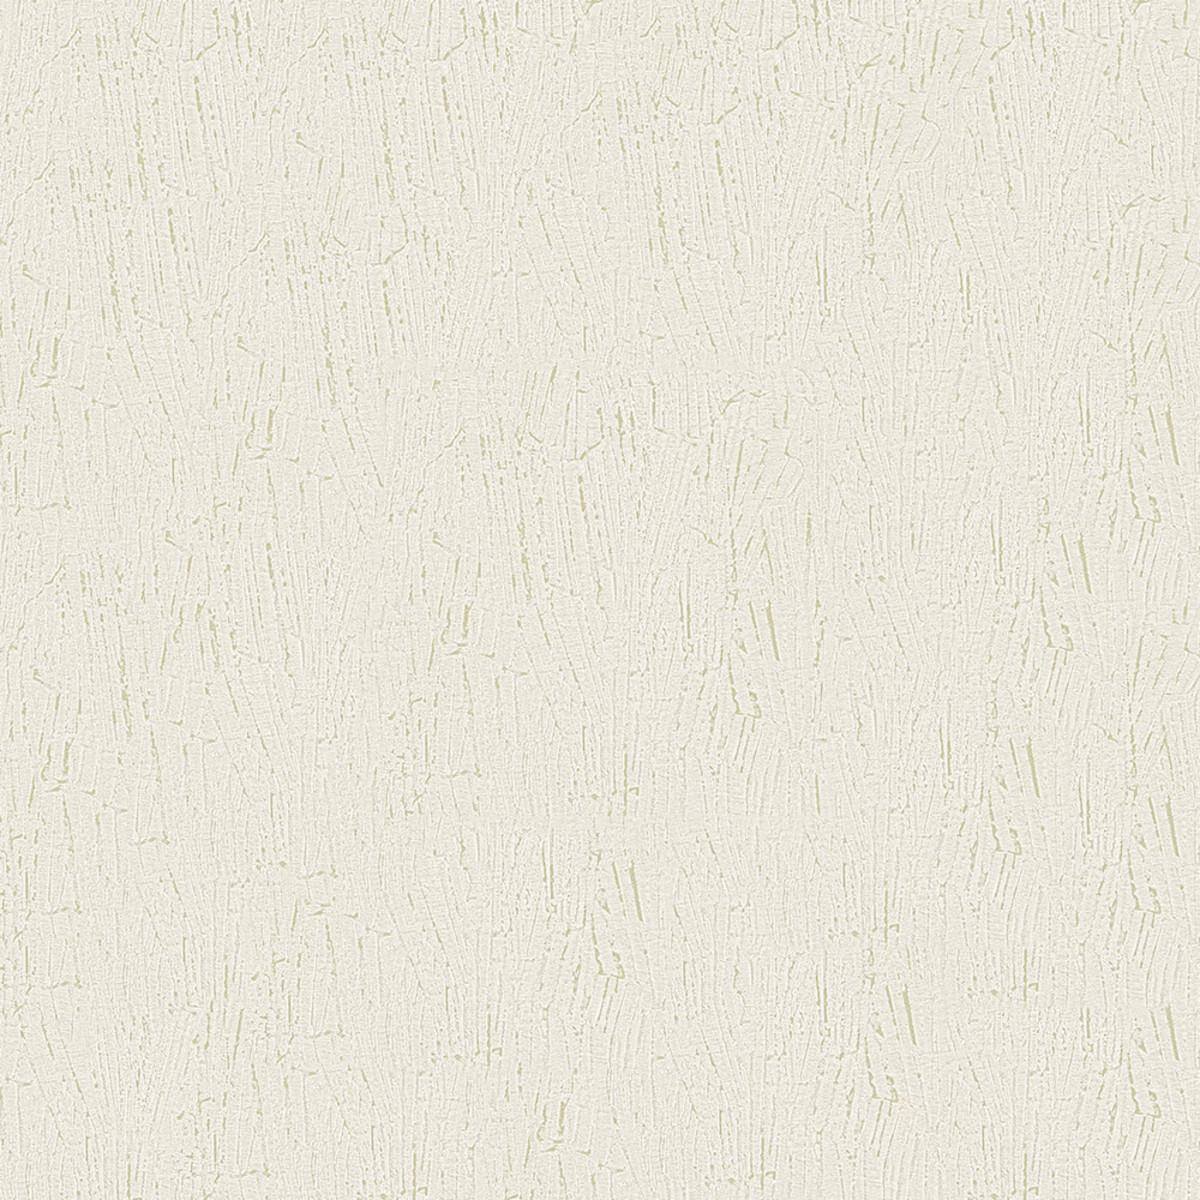 Обои виниловые Gaenari серые 1.06 м 81153-1